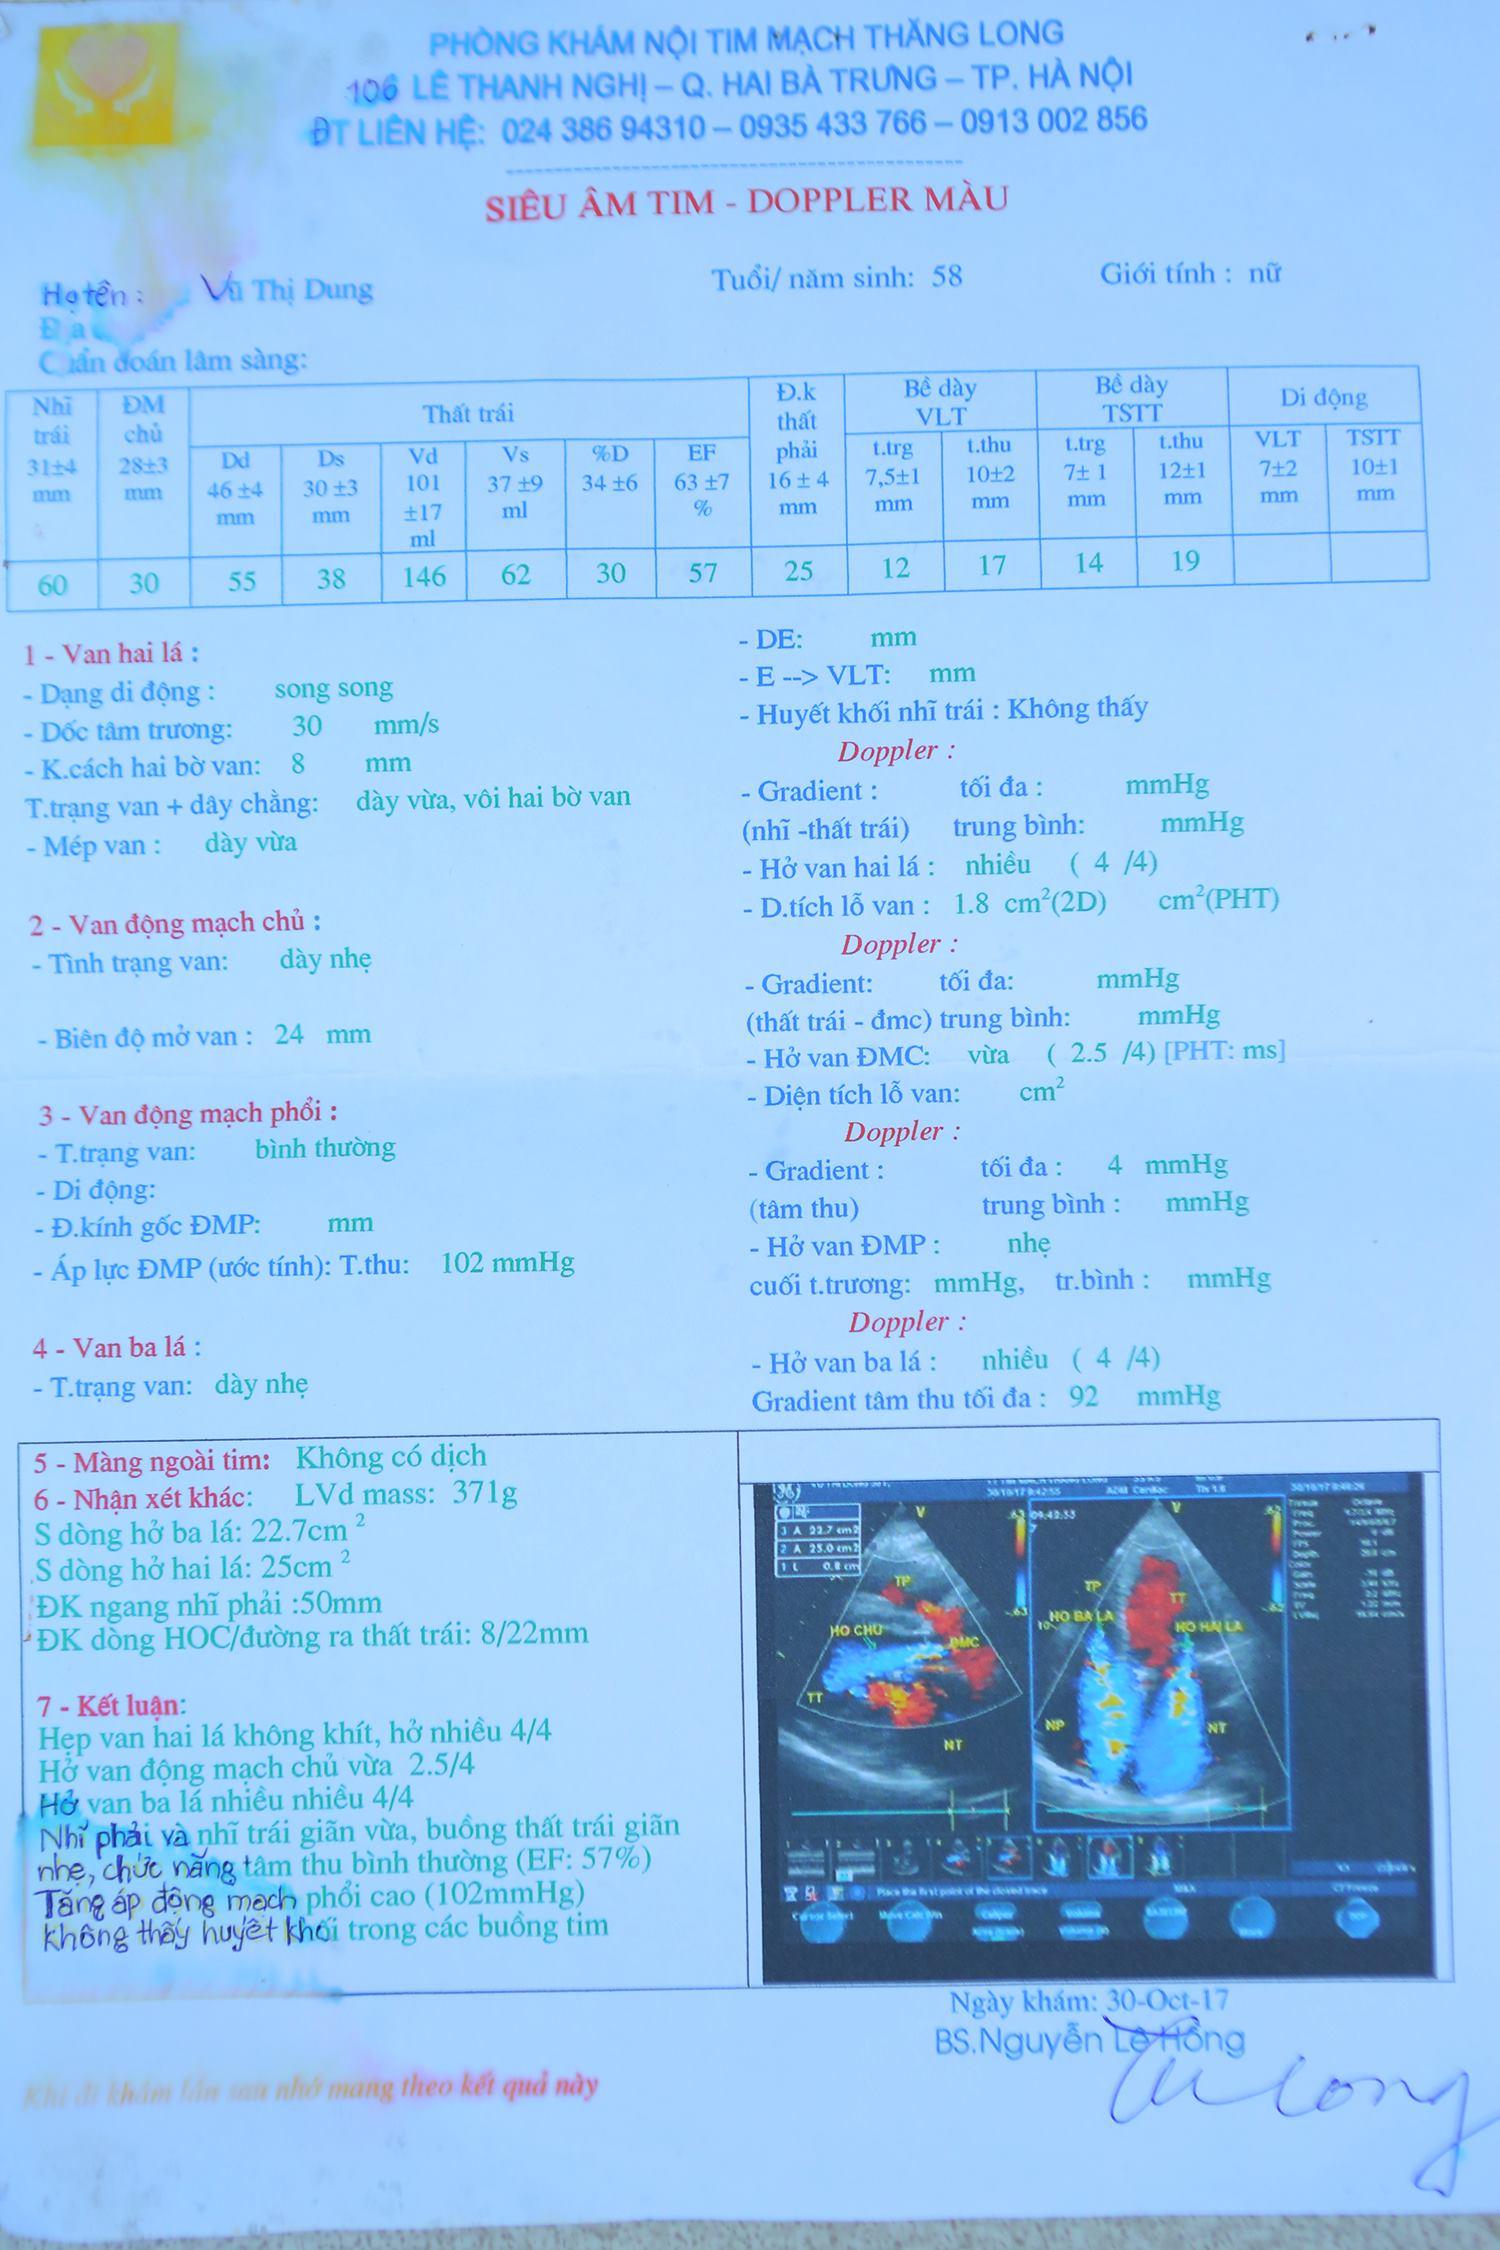 Kết quả khám bệnh hở van tim của cô Dung tại Bệnh viện Bạch Mai